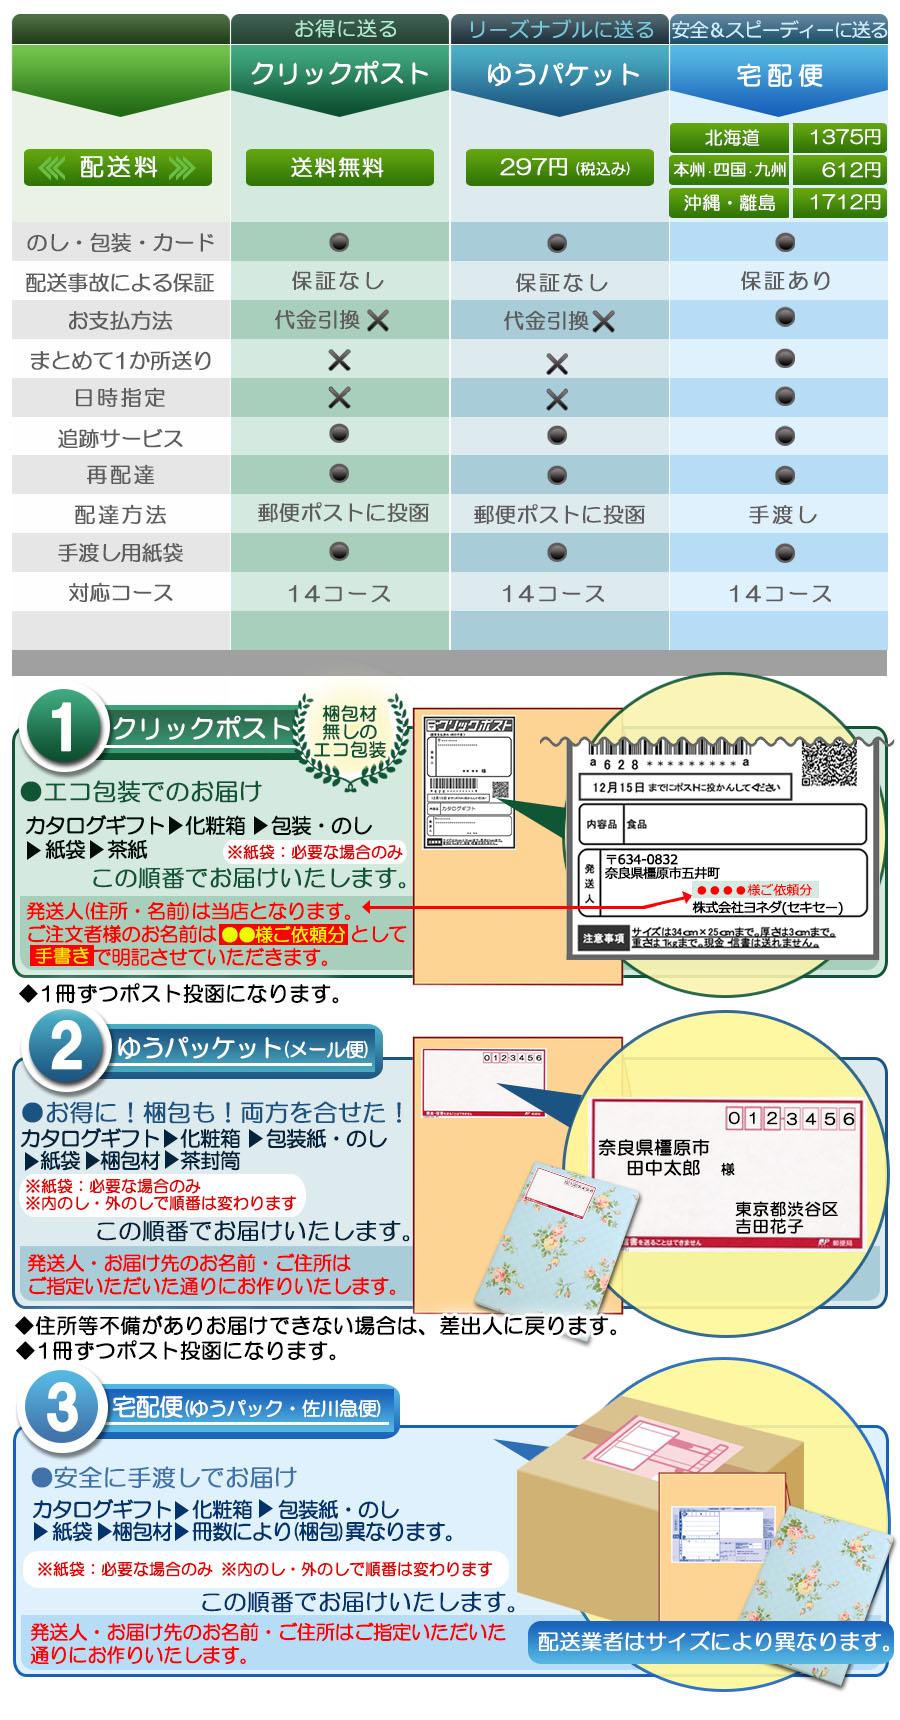 52713b99cf また、4月のカタログ改変期の為、現在掲載している電子カタログ(PC版ページ対応)の内容と異なる場合がございます。